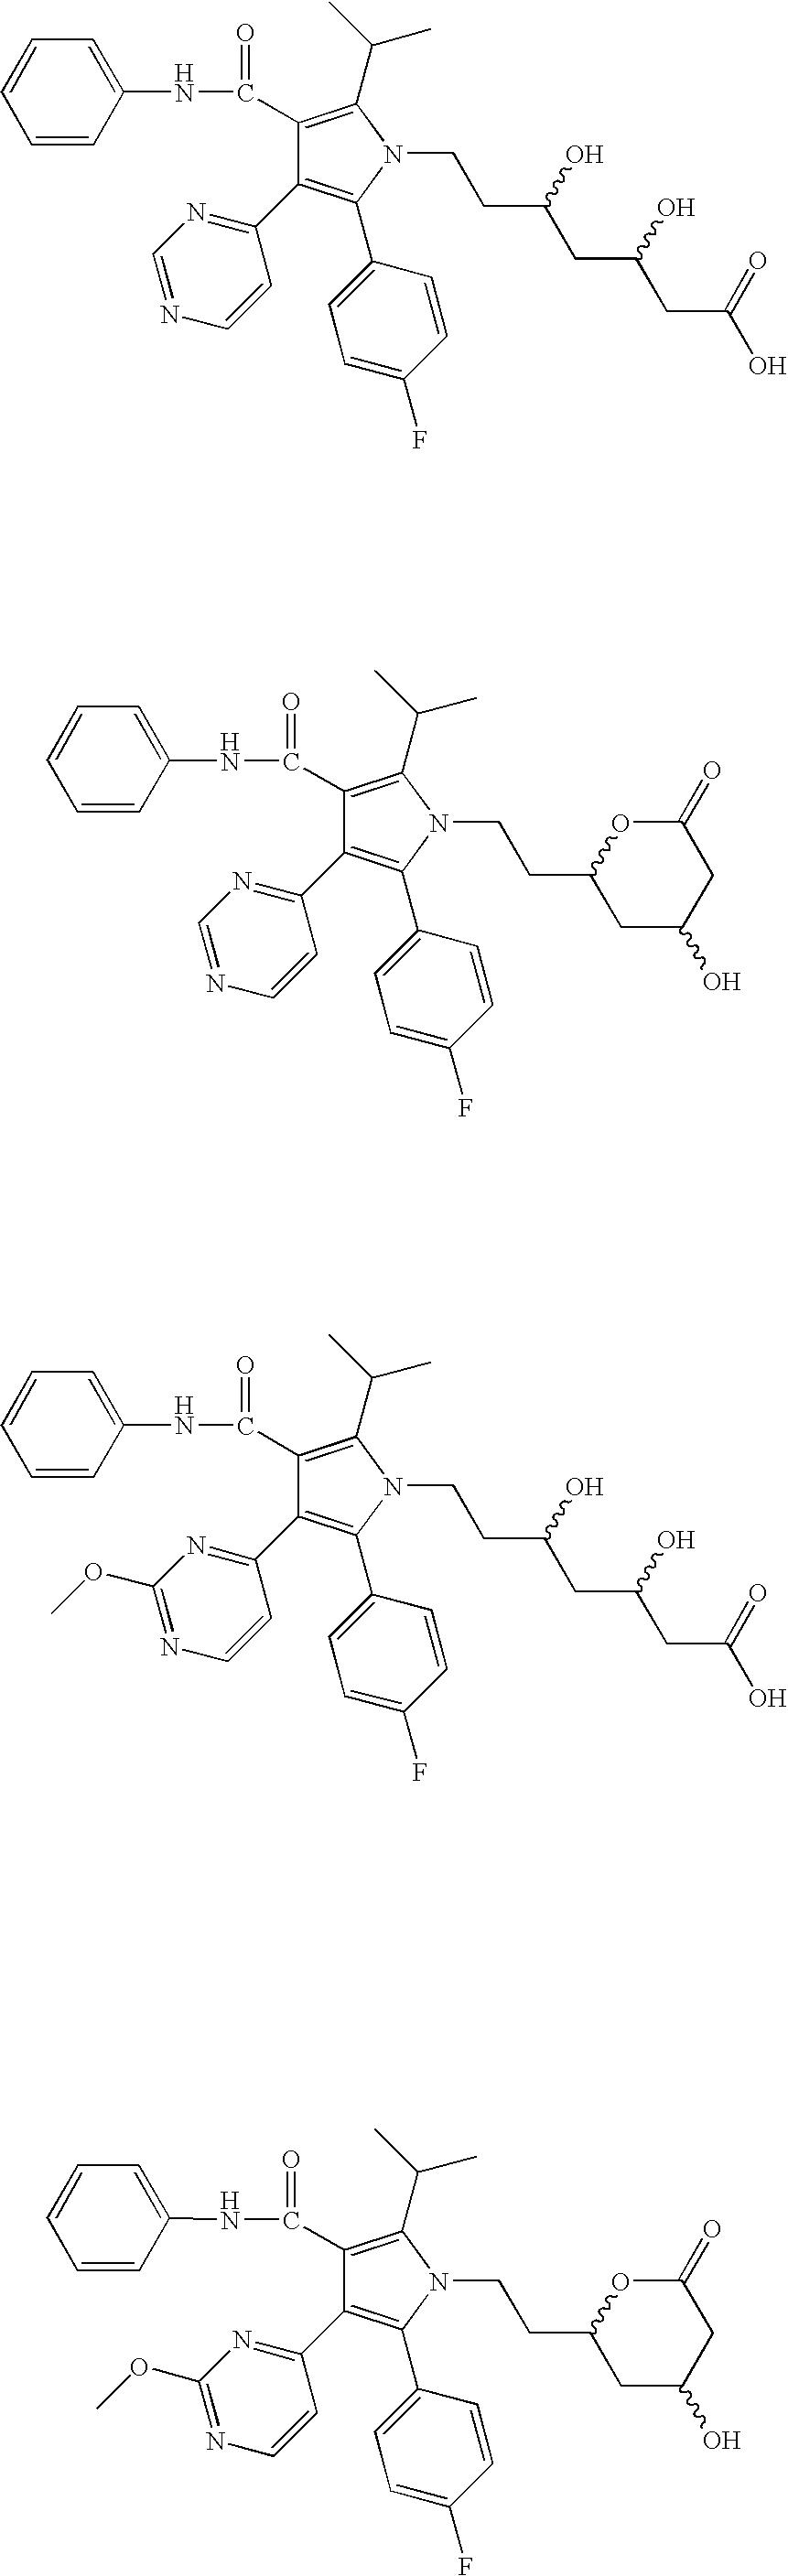 Figure US20050261354A1-20051124-C00105